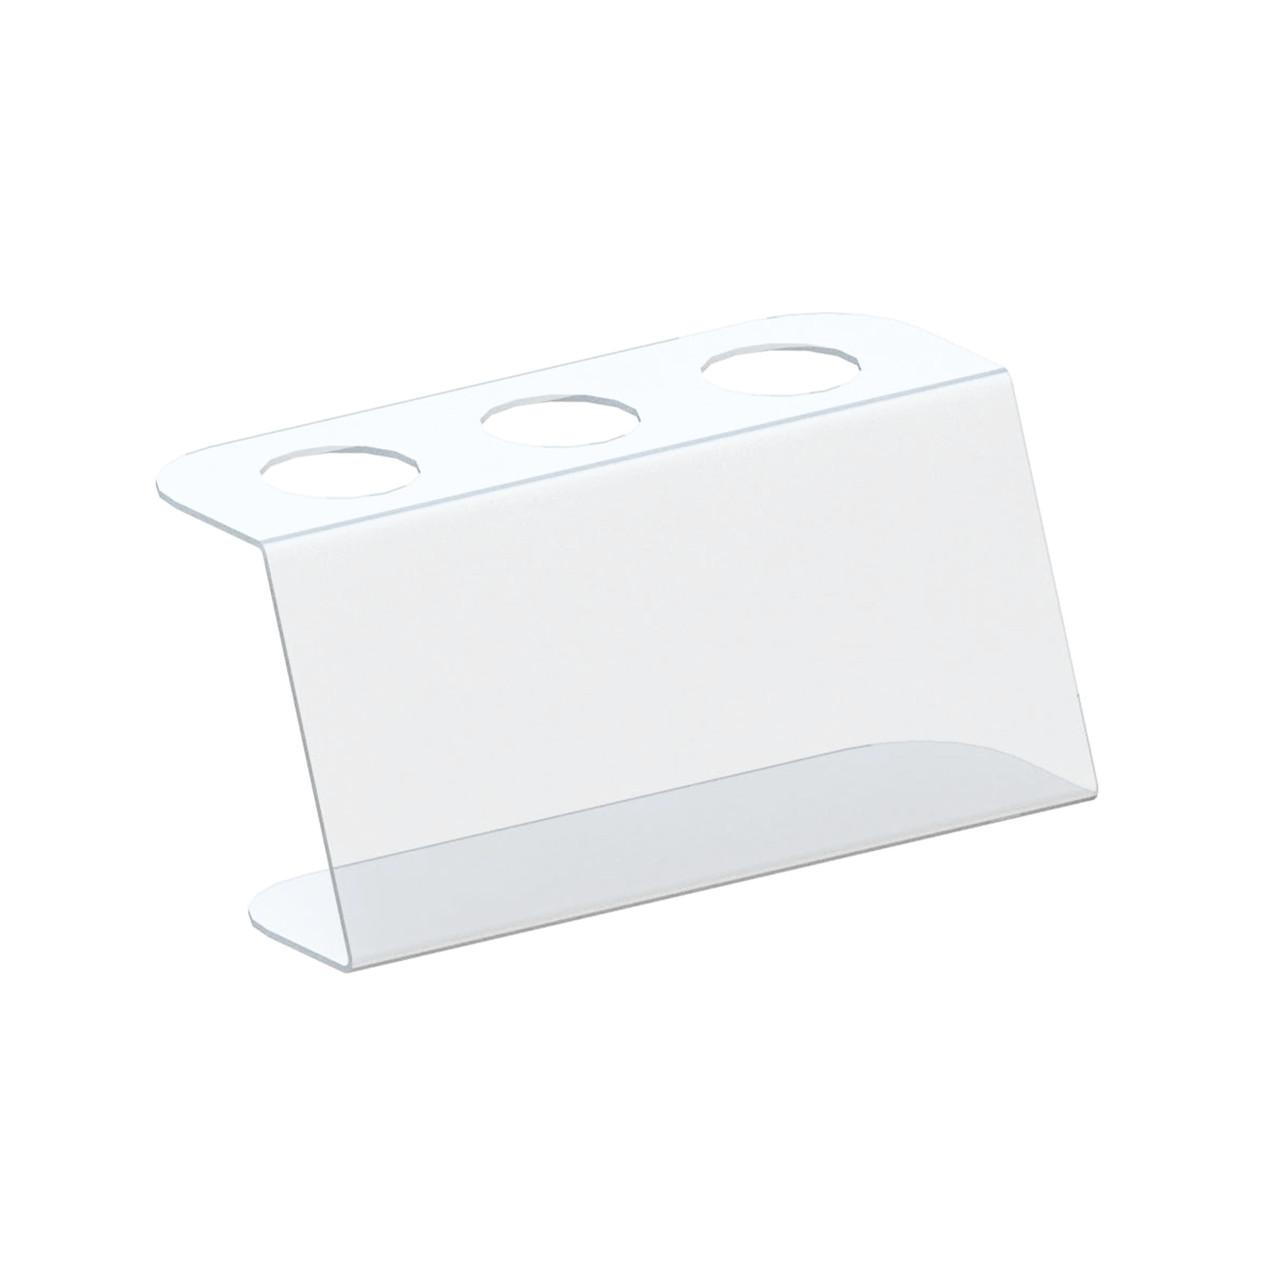 Підставка під 3 вафельних ріжка. Чорний акрил 3 мм.